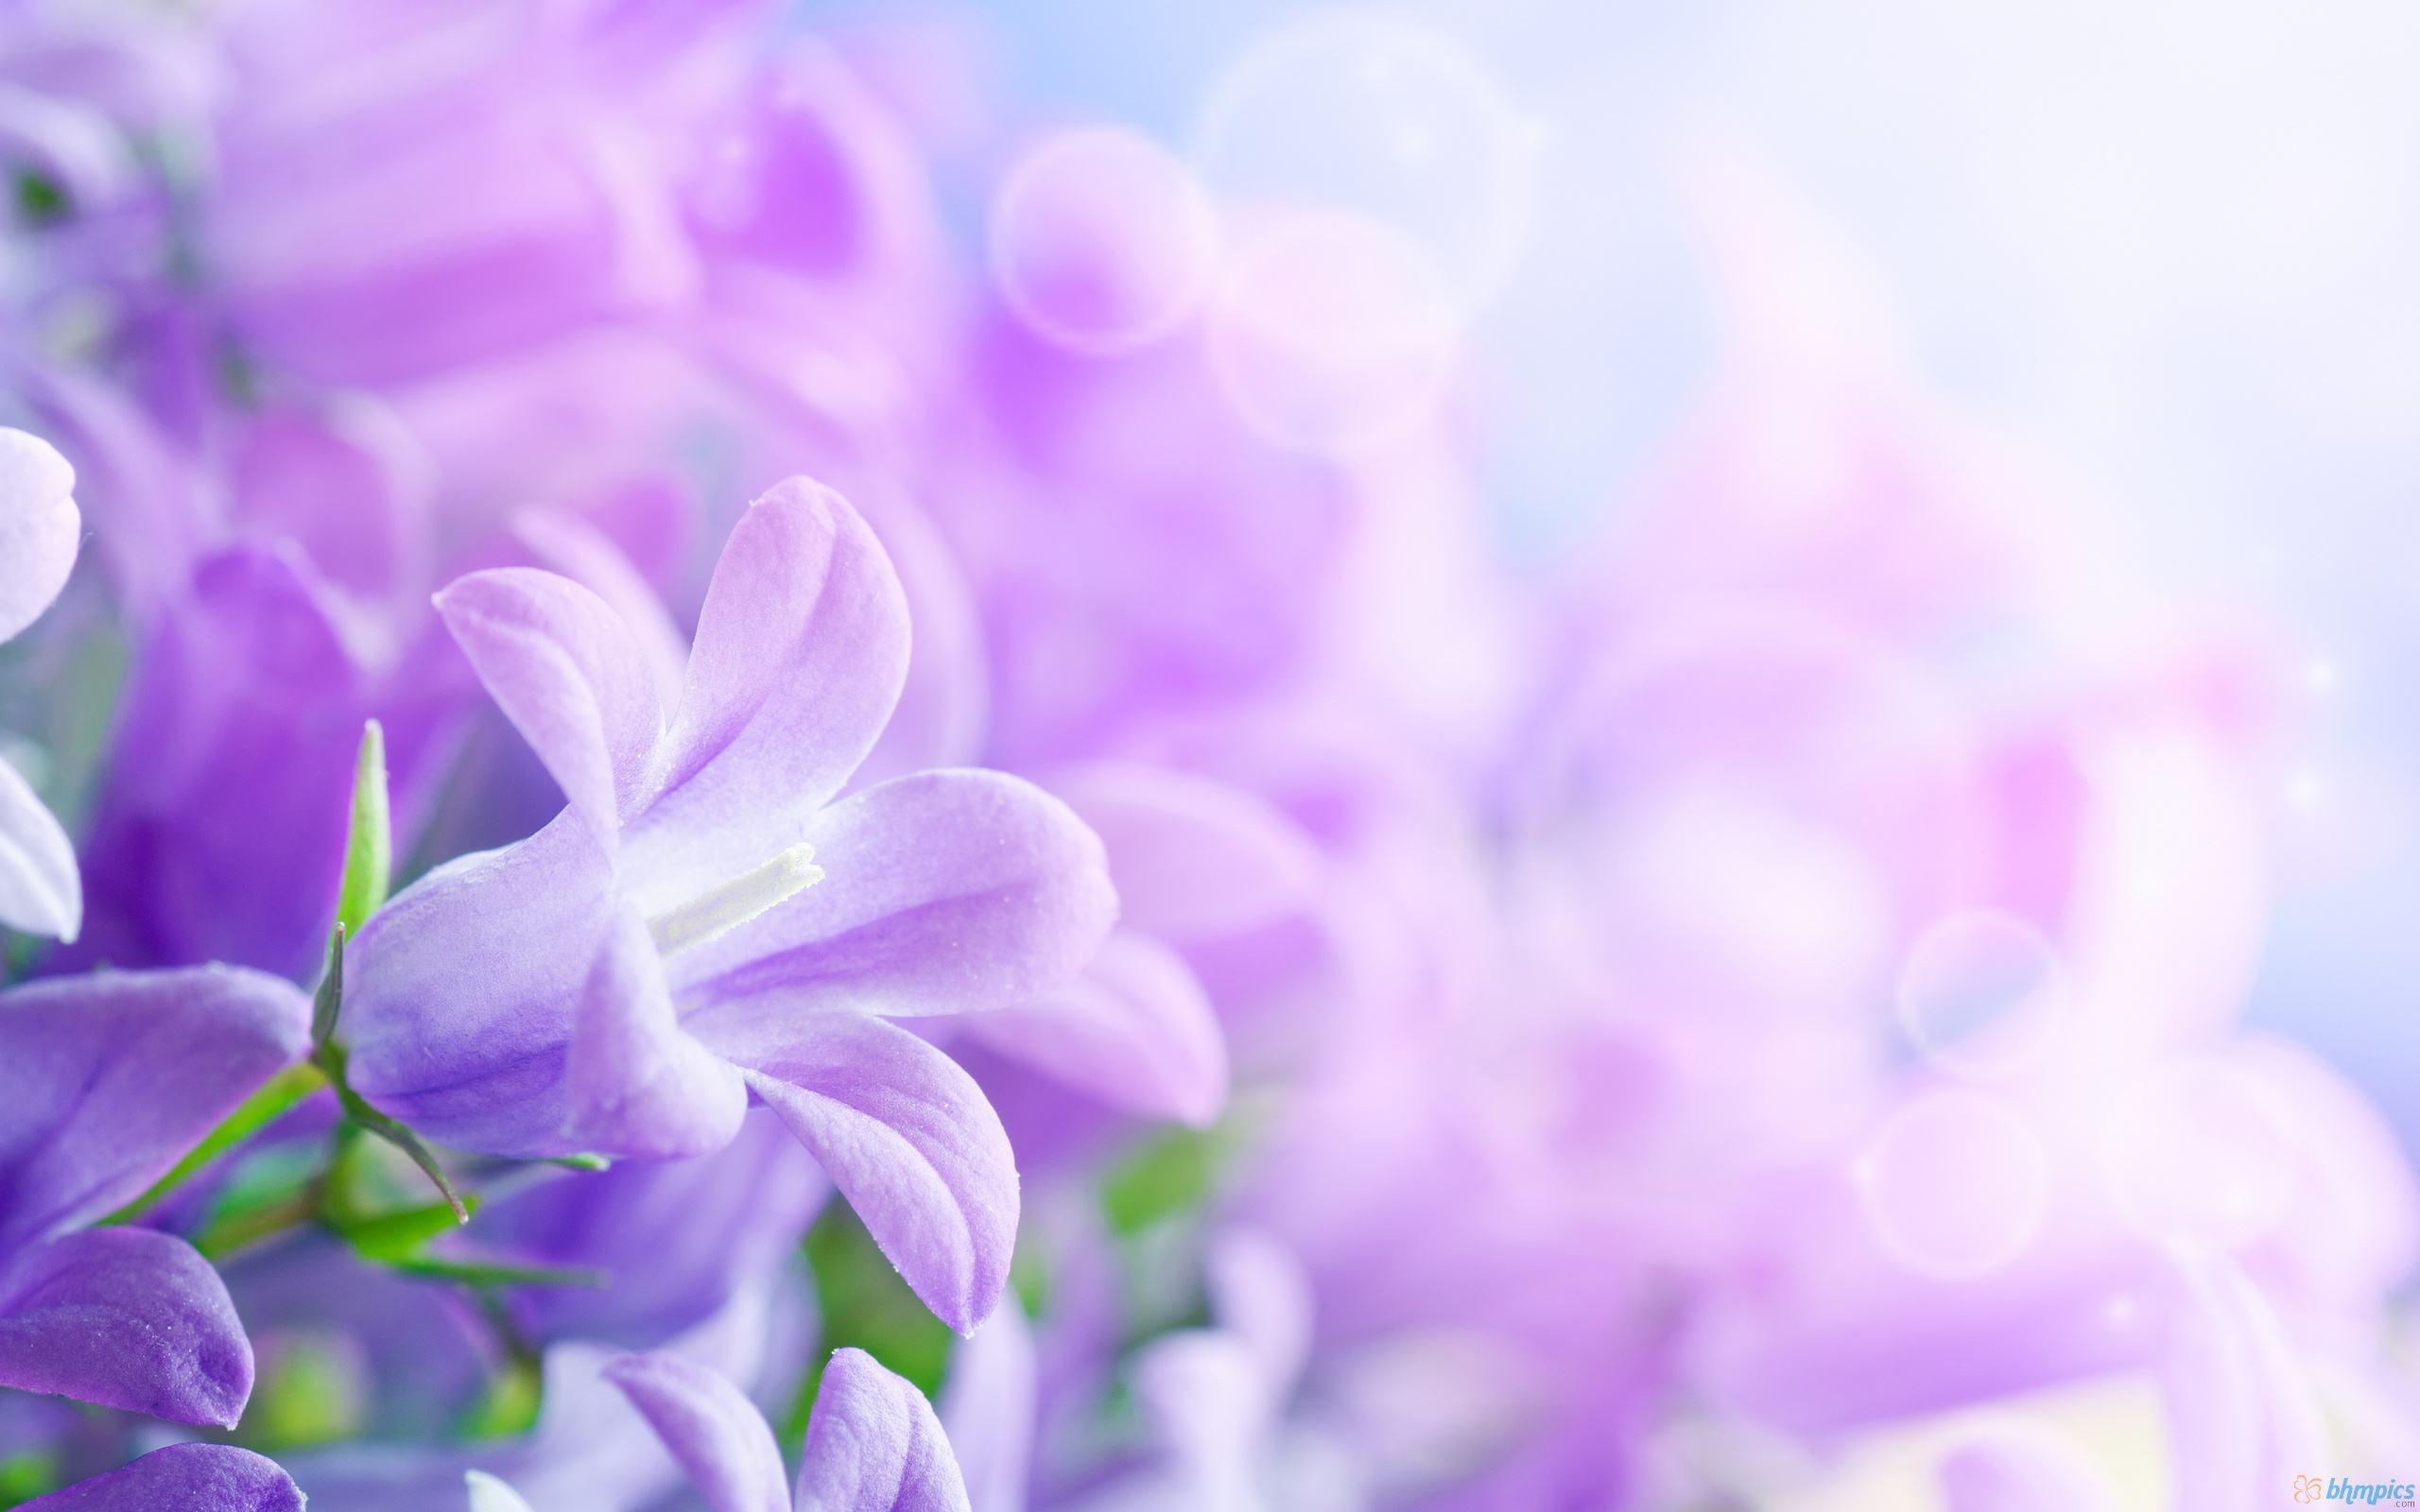 2560x1600 Hoa Nền.  Hình nền hoa đẹp, Hình nền hoa đẹp và Hình nền hoa tuyệt vời